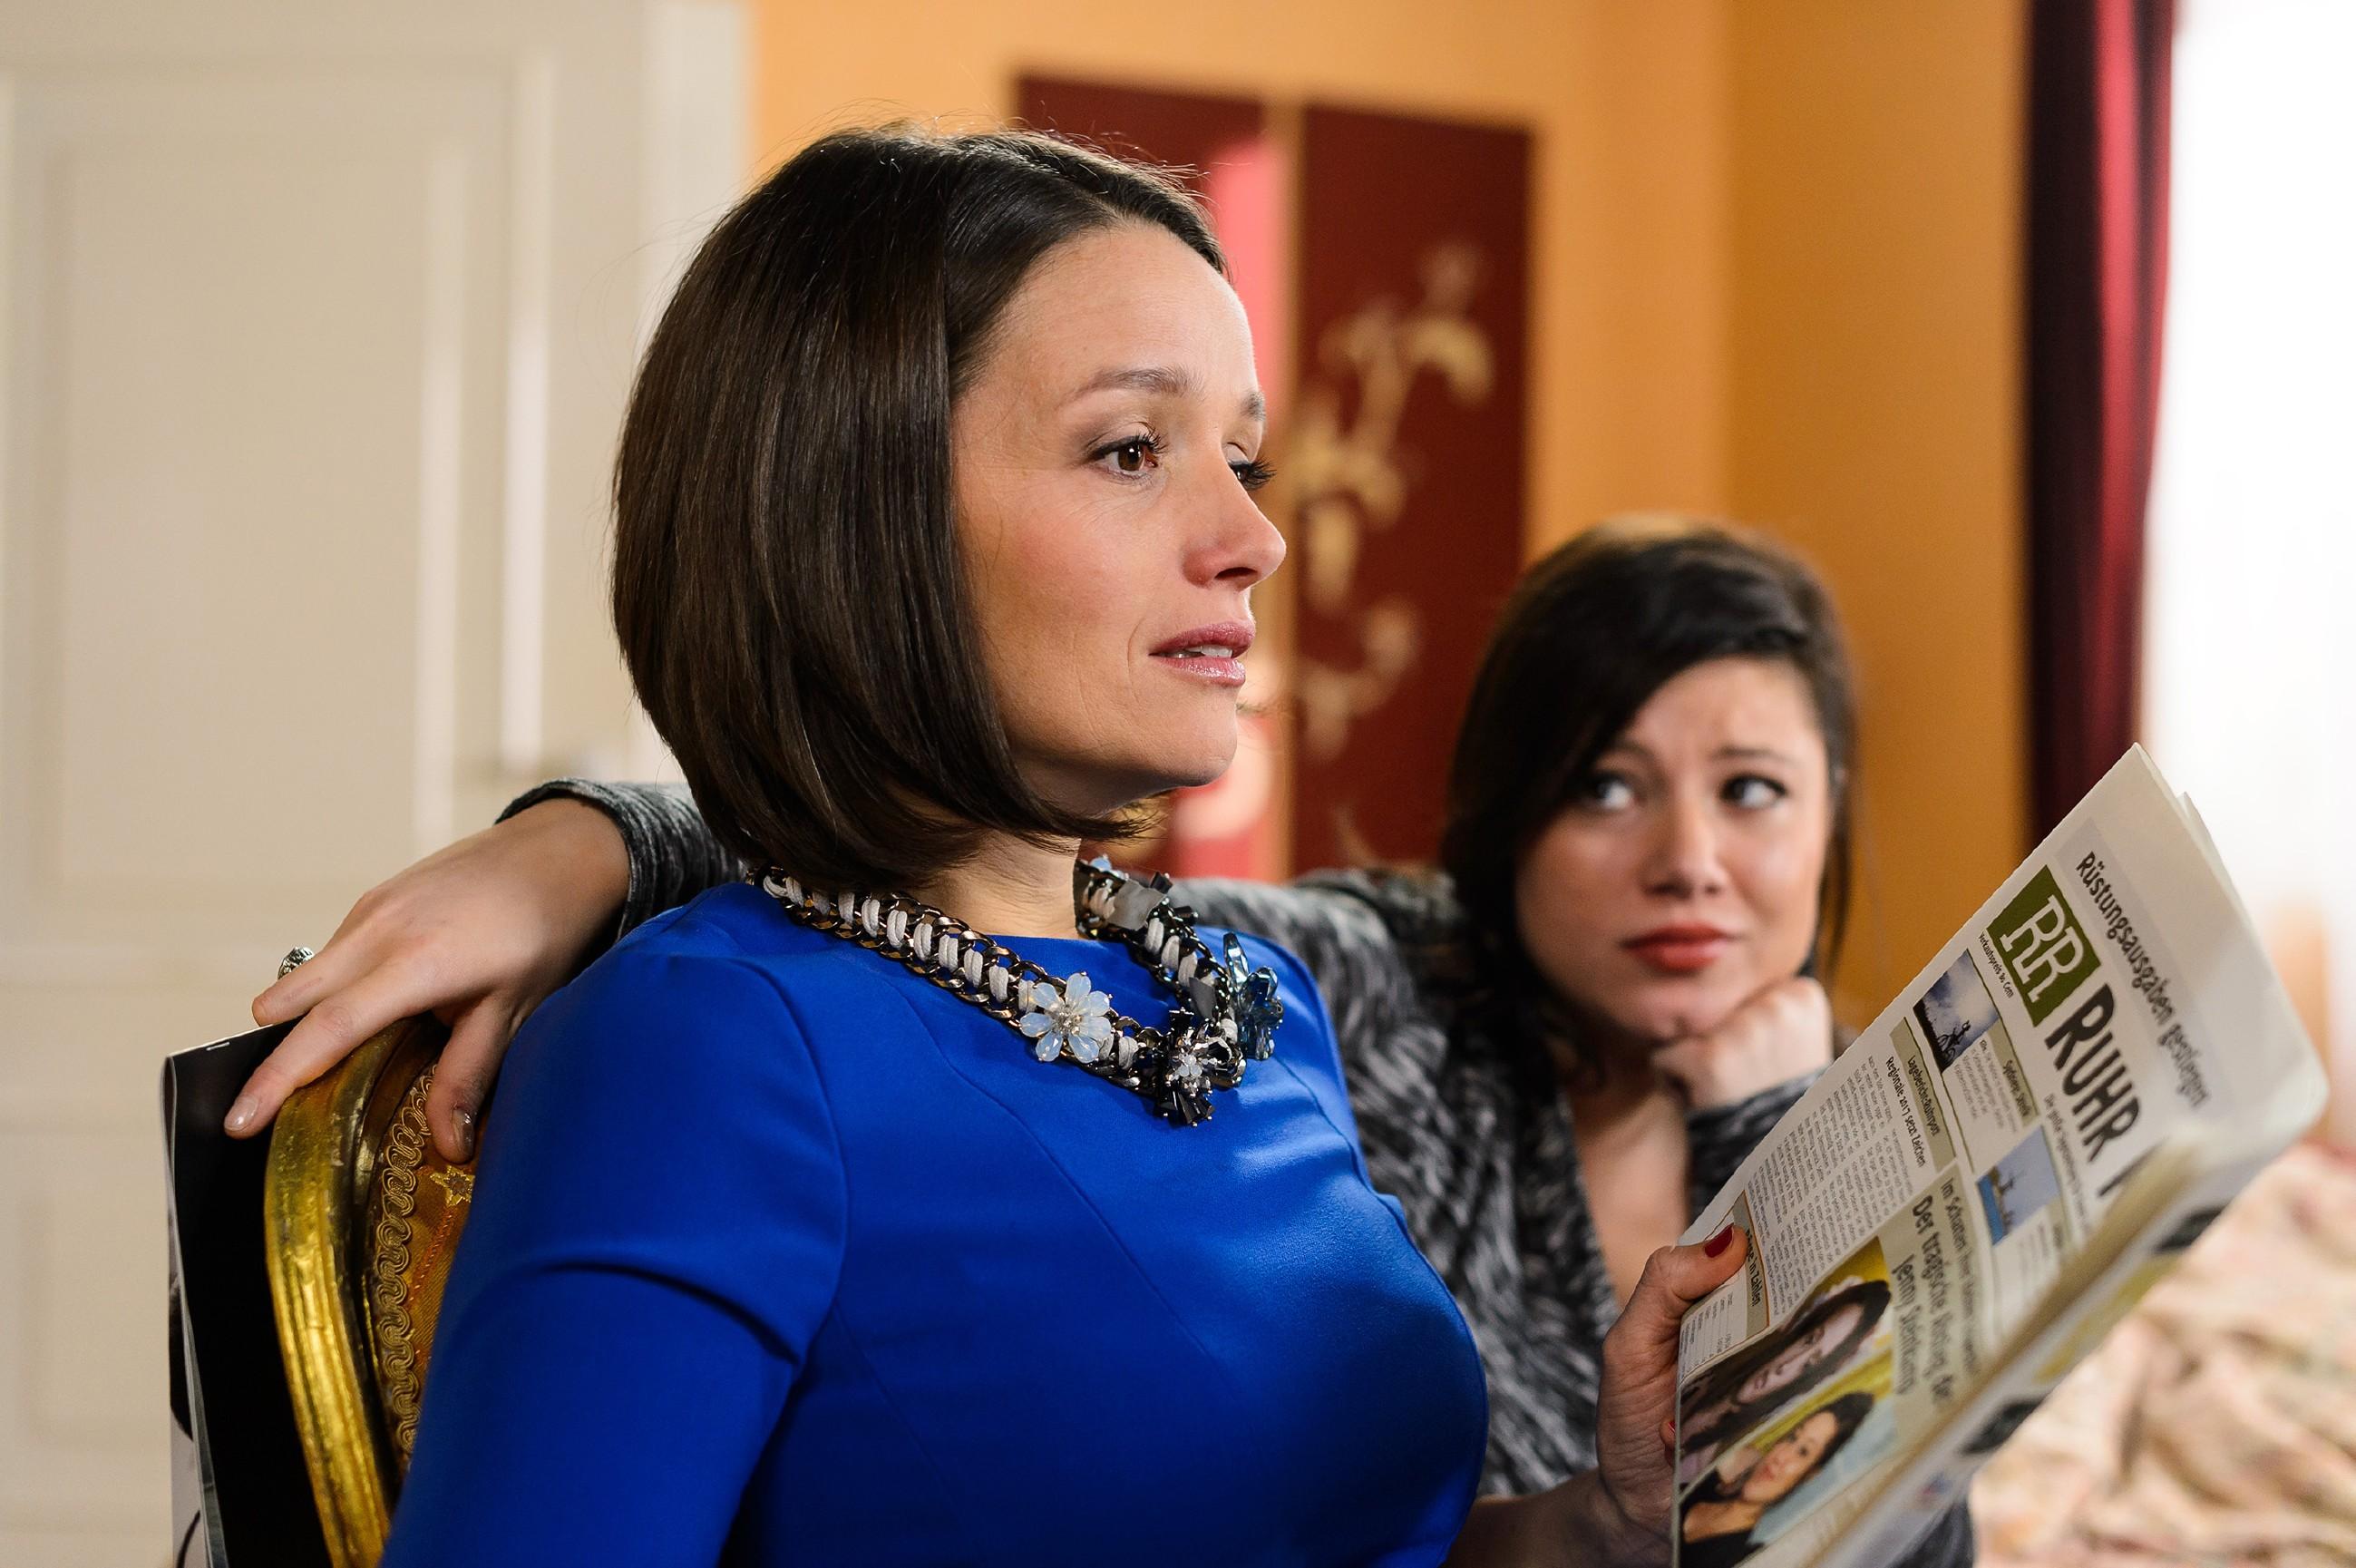 Jenny (Kaja Schmidt-Tychsen, l.) ist getroffen, als sie nach der Party von der Presse als der bemitleidenswerte Gegenpart zu ihrer erfolgreichen und glücklichen Schwester Vanessa (Julia Augustin) aufgestellt wird. (Quelle: RTL / Willi Weber)